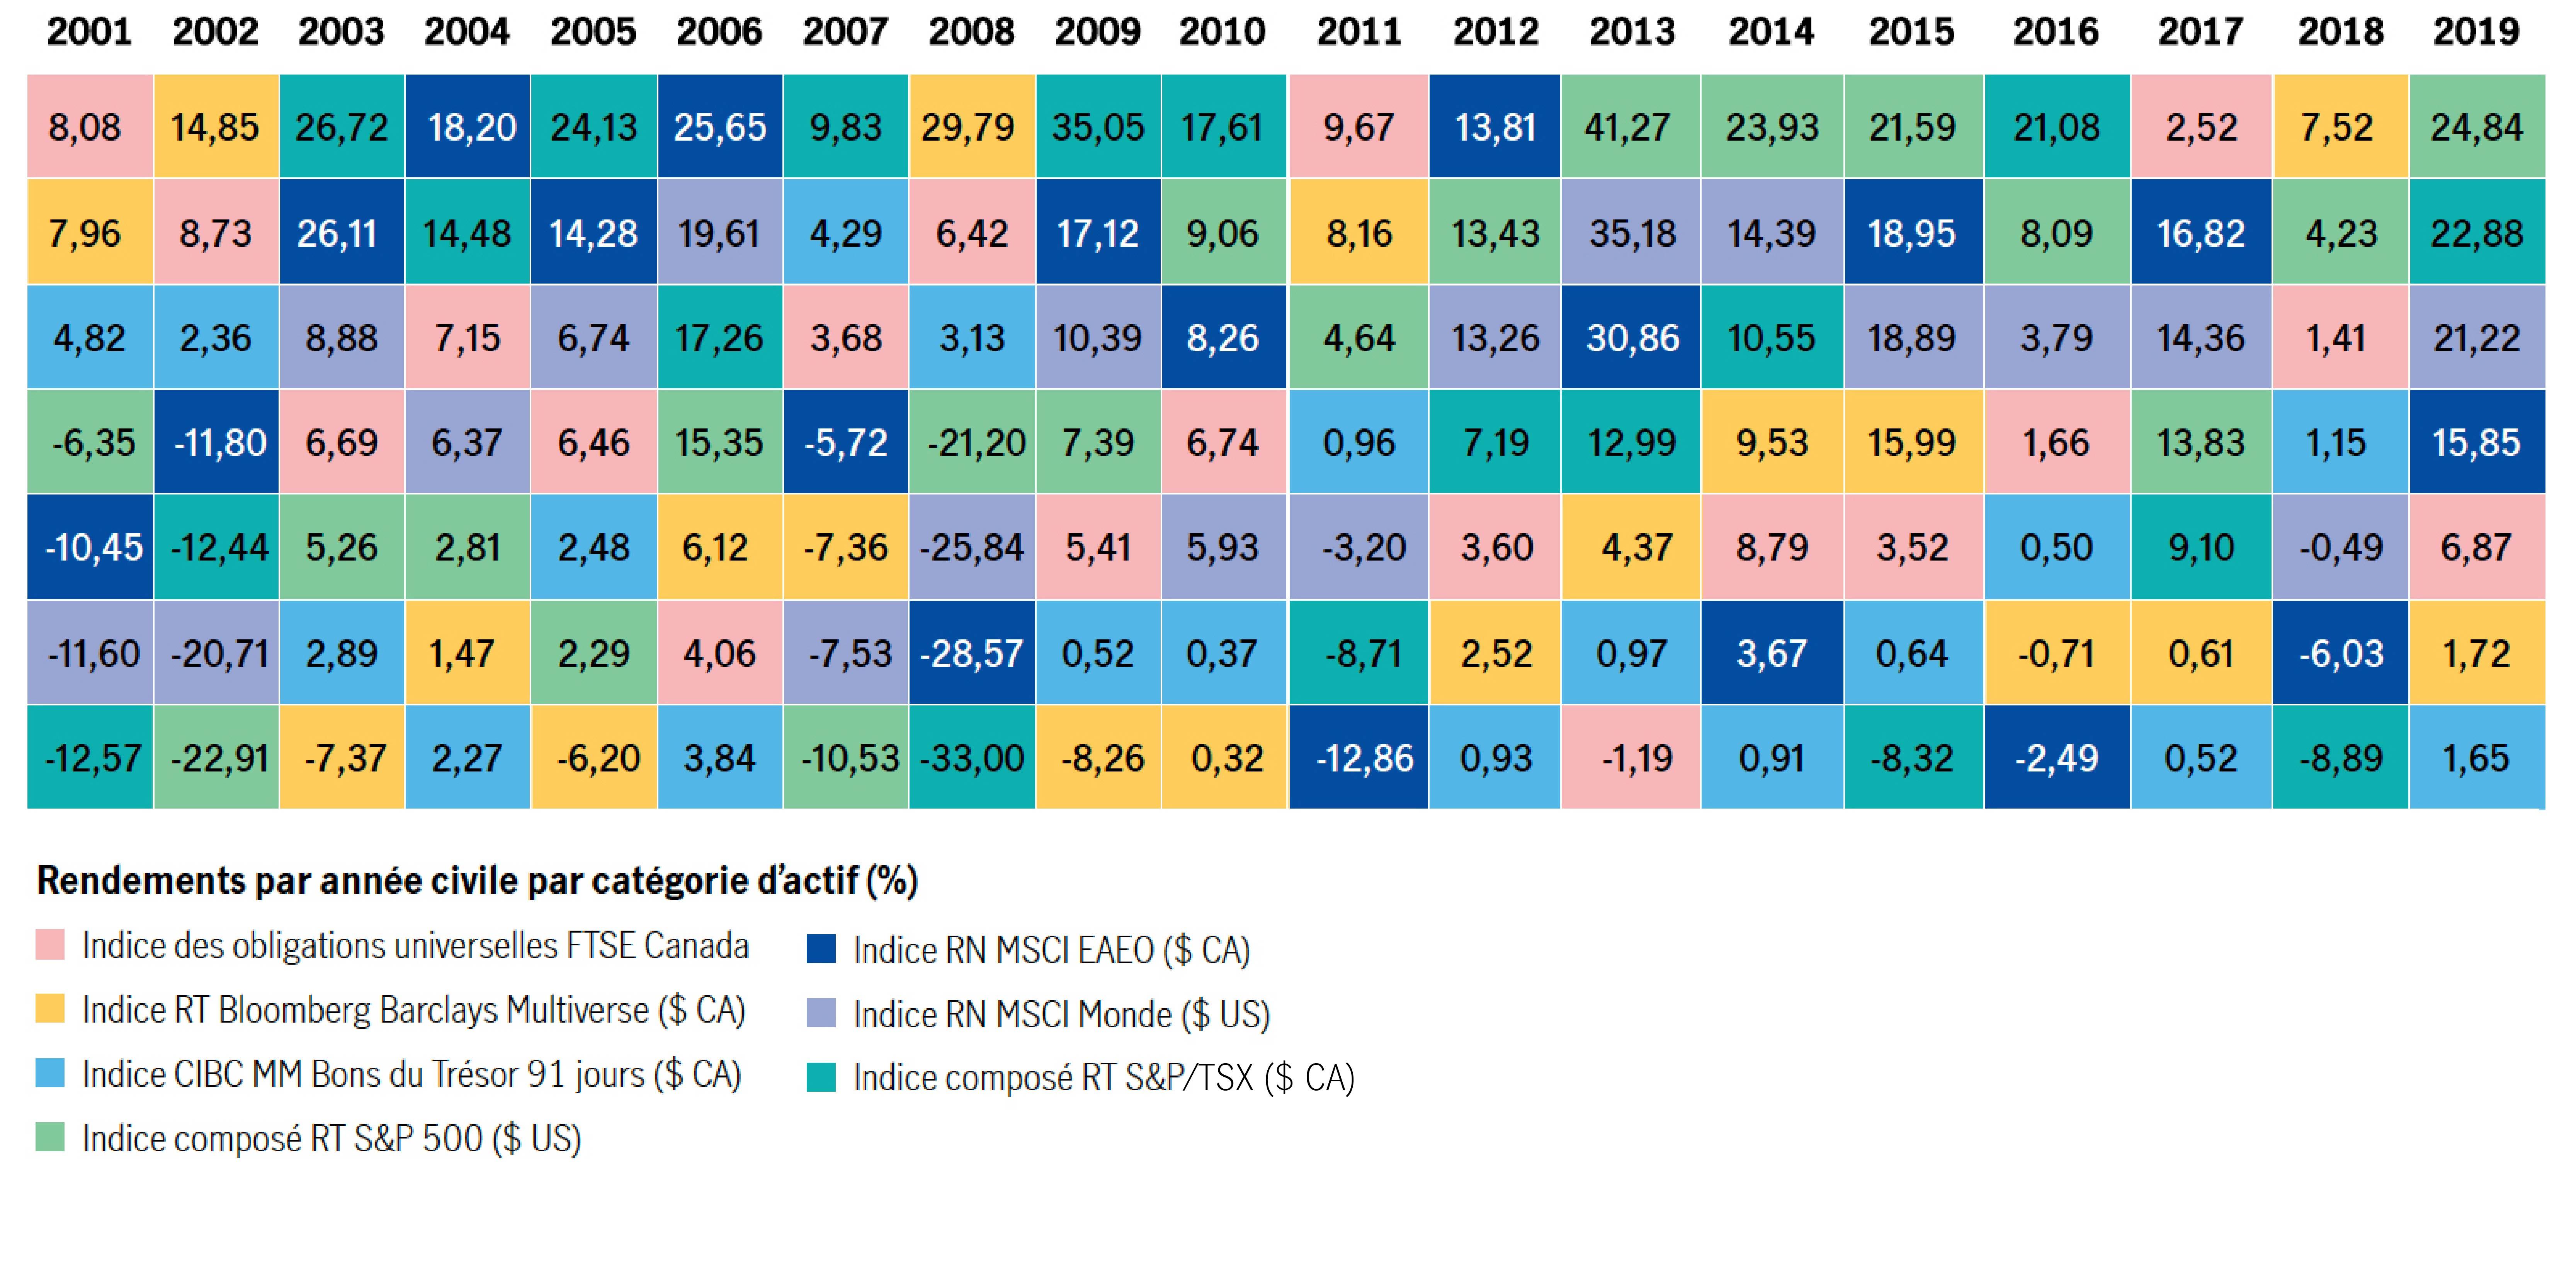 Rendements annuel par catégorie d'actif (%) de 2001 à 2018Indice obligataire universel TSE TMX Canada : 8,08 % en 2001, 8,73 % en 2002, 6,69 % en 2003, 7,15 % en 2004, 6,46 % en 2005, 4,06 % en 2006, 3,68 % en 2007, 6,42 % en 2008, 5,41 % en 2009, 9,67 % en 2011, 3,60 % en 2012, -1,19 % en 2013, 8,79 % en 2014, 3,52 % en 2015, 1,66 % en 2016, 2,52 % en 2017, 1,41 % en 2018.Indice de rendement total Bloomberg Barclays Multiverse ($ CA) : 7,96 % en 2001, 14,85 % en 2002, -7,37 % en 2003, 1,47 % en 2004, -6,20 % en 2005, 6,12 % en 2006, -7,36 % en 2007, 29,79 % en 2008, -8,26 % en 2009, 0,32 % en 2010, 8,16 % en 2011, 2,52 % en 2012, 4,37 % en 2013, 9,53 % en 2014, 15,99 % en 2015, -0,71 % en 2016, 0,61 % en 2017, 7,52 % en 2018.Indice des bons du Trésor à 91 jours MM CIBC ($ CA) : 4,82 % en 2001, 2,36 % en 2002, 2,89 % en 2003, 2,27 % en 2004, 2,48 % en 2005, 3,84 % en 2006, 4,29 % en 2007, 3,13 % en 2008, 0,52 % en 2009, 0,37 % en 2010, 0,96 % en 2011, 0,93 % en 2012, 0,97 % en 2013, 0,91 % en 2014, 0,64 % en 2015, 0,50 % en 2016, 0,52 % en 2017, 1,15 % en 2018.Indice composé de rendement total S&P 500 ($ US) : -6,35 % en 2001, -22,91 % en 2002, 5,26 % en 2003, 2,81 % en 2004, 2,29 % en 2005, 15,35 % en 2006, -10,53 % en 2007, -21,20 % en 2008, 7,39 % en 2009, 9,06 % en 2010, 4,64 % en 2011, 13,43 % en 2012, 41,27 % en 2013, 23,93 % en 2014, 21,59 % en 2015, 8,09 % en 2016, 13,83 % en 2017, 4,23 % en 2018.Indice RN MSCI EAEO ($ CA) : -10,45 % en 2001, -11,80 % en 2002, 26,11 % en 2003, 18,20 % en 2004, 14,28 % en 2005, 25,65 % en 2006, -5,72 % en 2007, -28,57 % en 2008, 17,12 % en 2009, 8,26 % en 2010, -12,86 % en 2011, 13,81 % en 2012, 30,86 % en 2013, 3,67 % en 2014, 18,95 % en 2015, -2,49 % en 2016, 16,82 % en 2017, -6,03 % en 2018.Indice RN MSCI Monde ($ US) : -11,60 % en 2001, -20,71 % en 2002, 8,88 % en 2003, 6,37 % en 2004, 6,74 % en 2005, 19,61 % en 2006, -7,53 % en 2007, -25,84 % en 2008, 10,39 % en 2009, 5,93 % en 2010, -3,20 % en 2011, 13,26 % en 2012, 35,